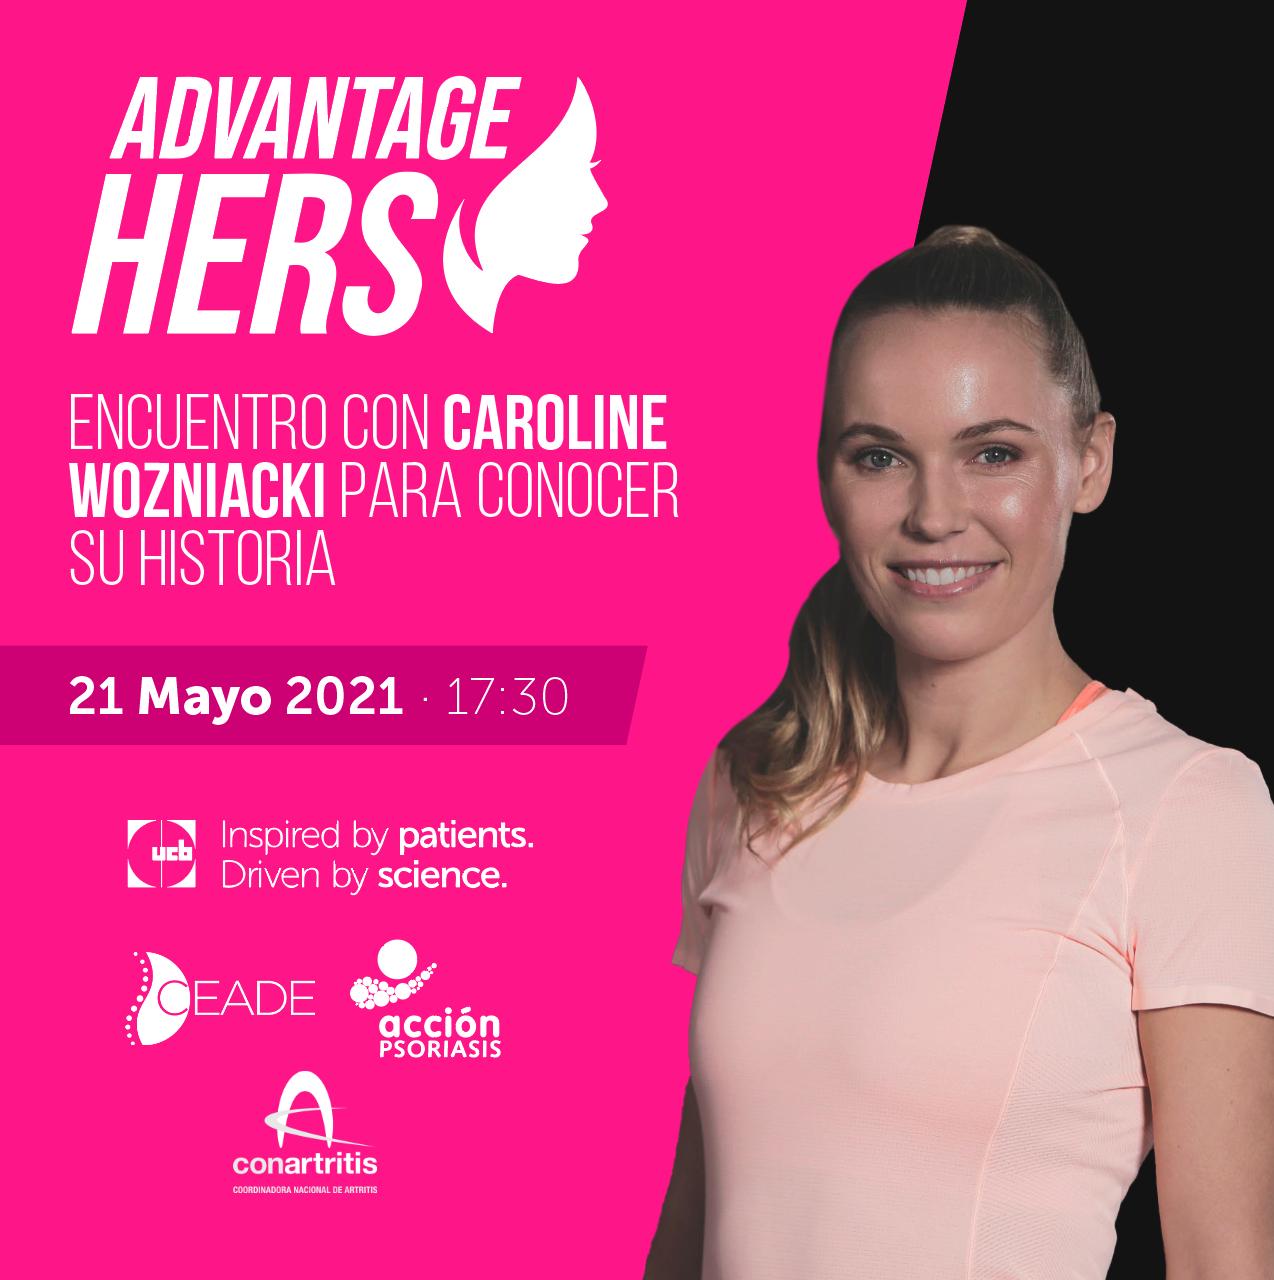 AEEF participa de la campaña Advantage Hers